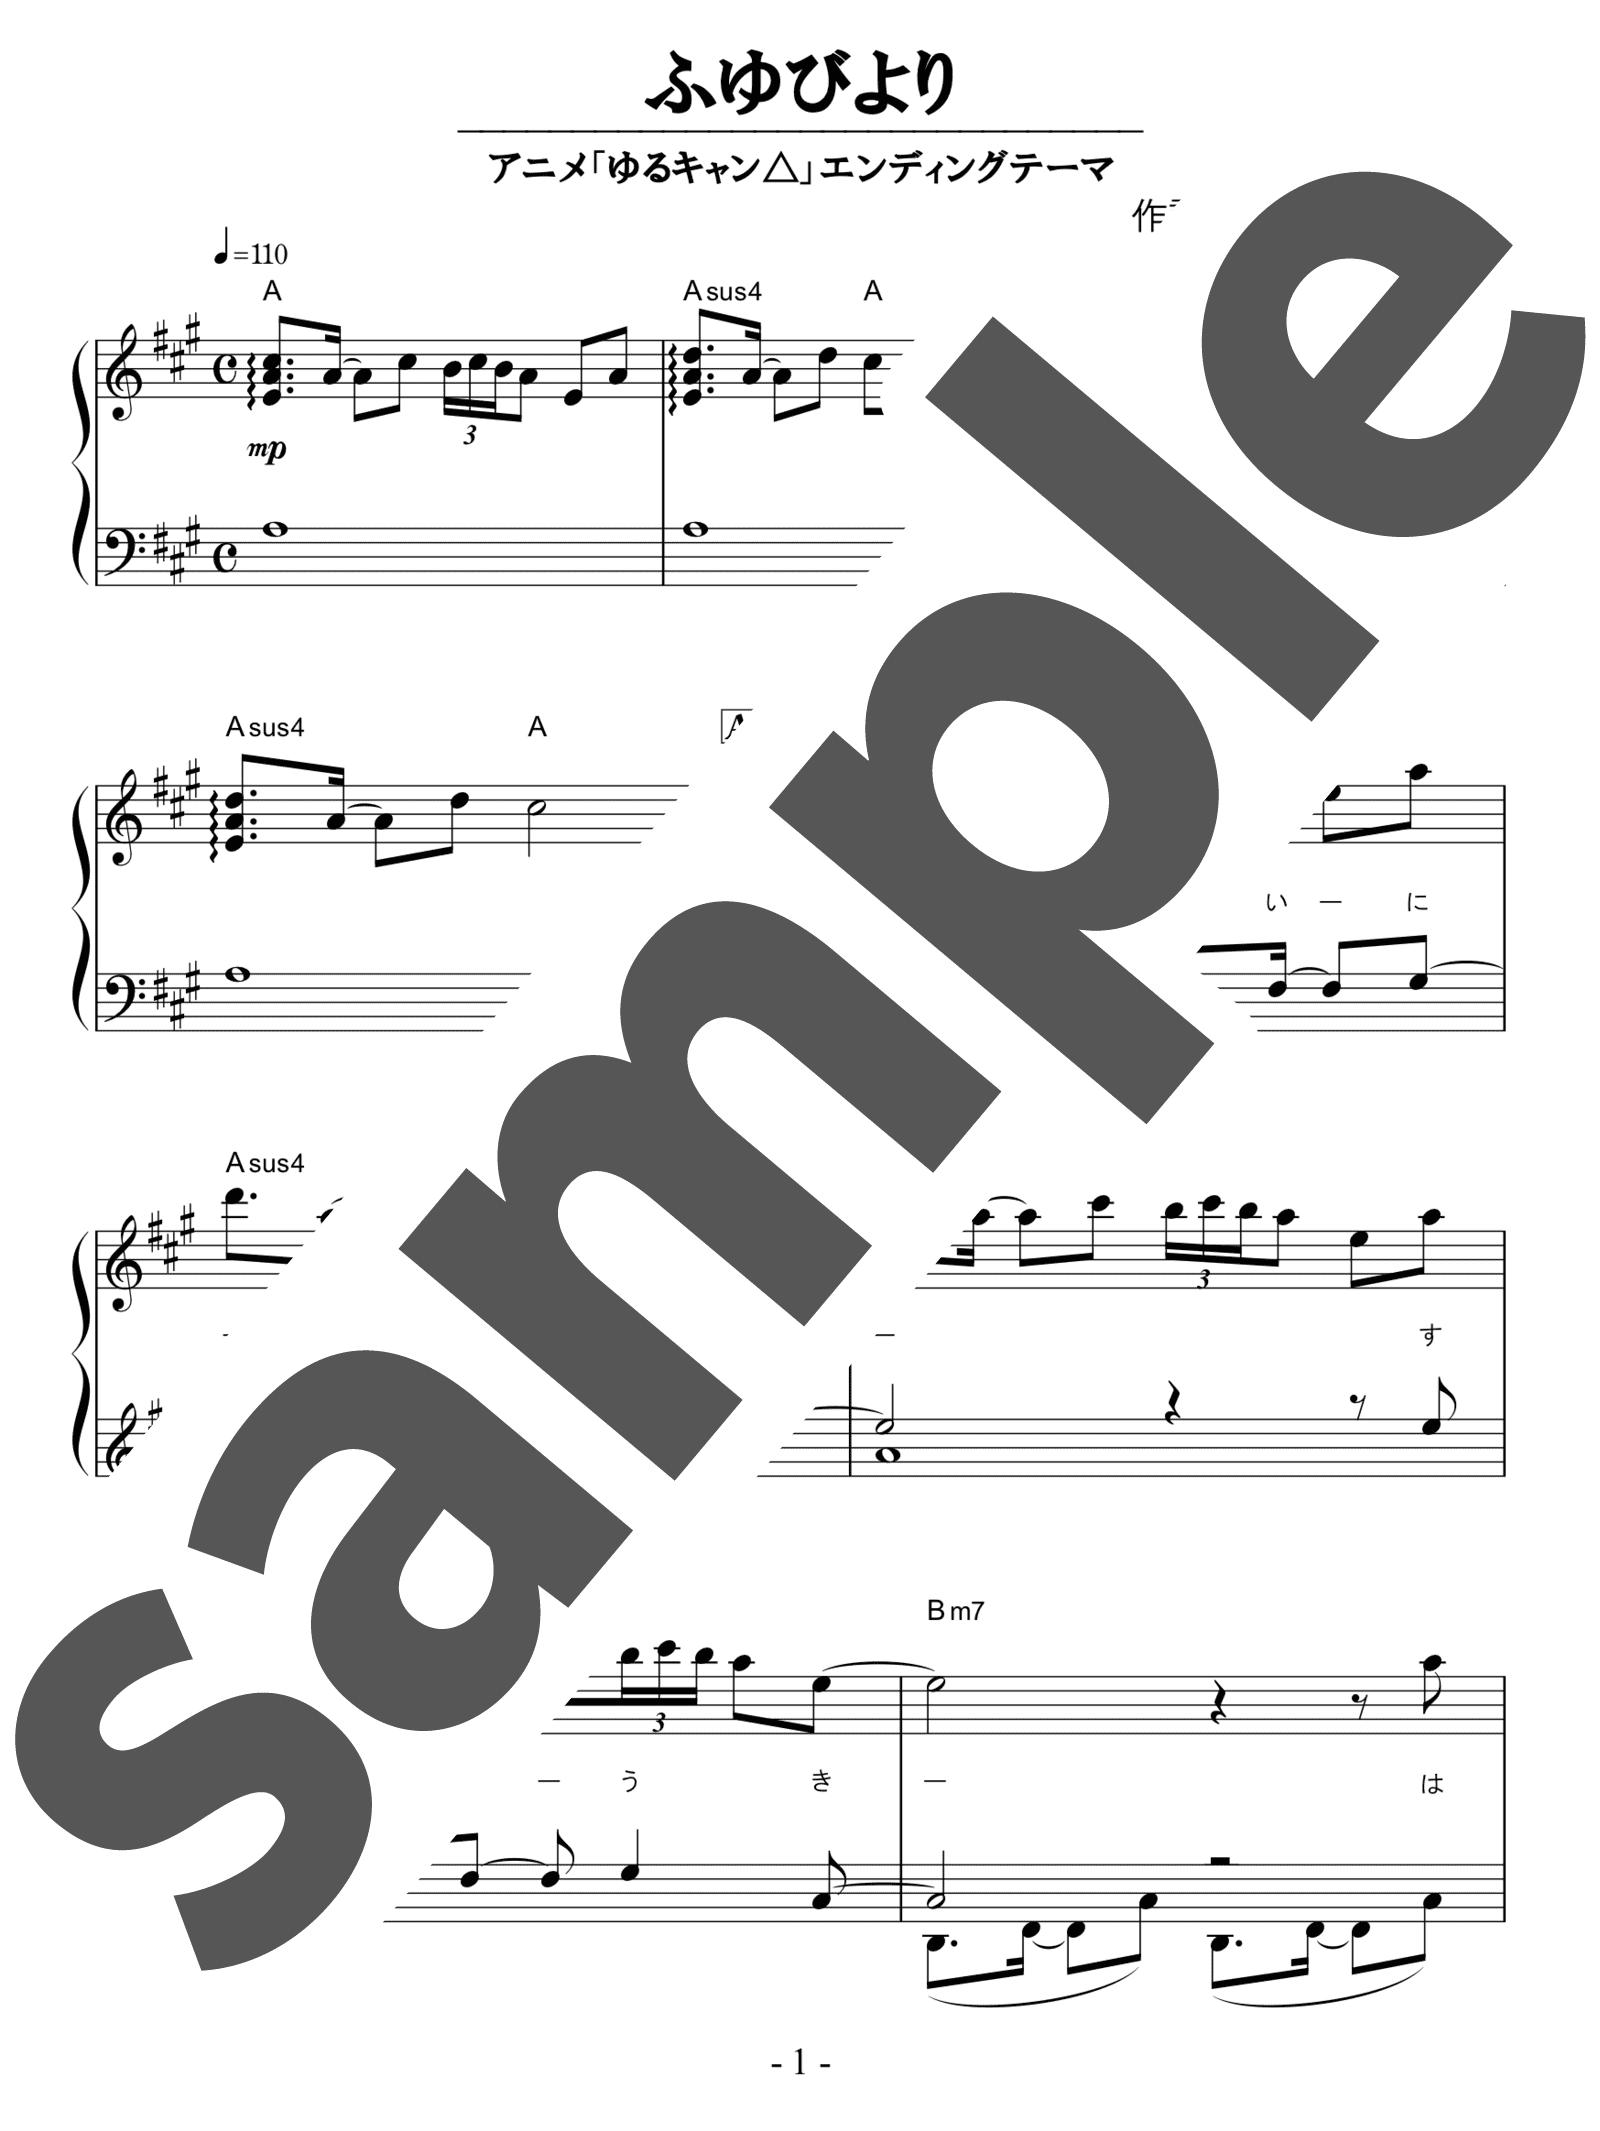 「ふゆびより」のサンプル楽譜